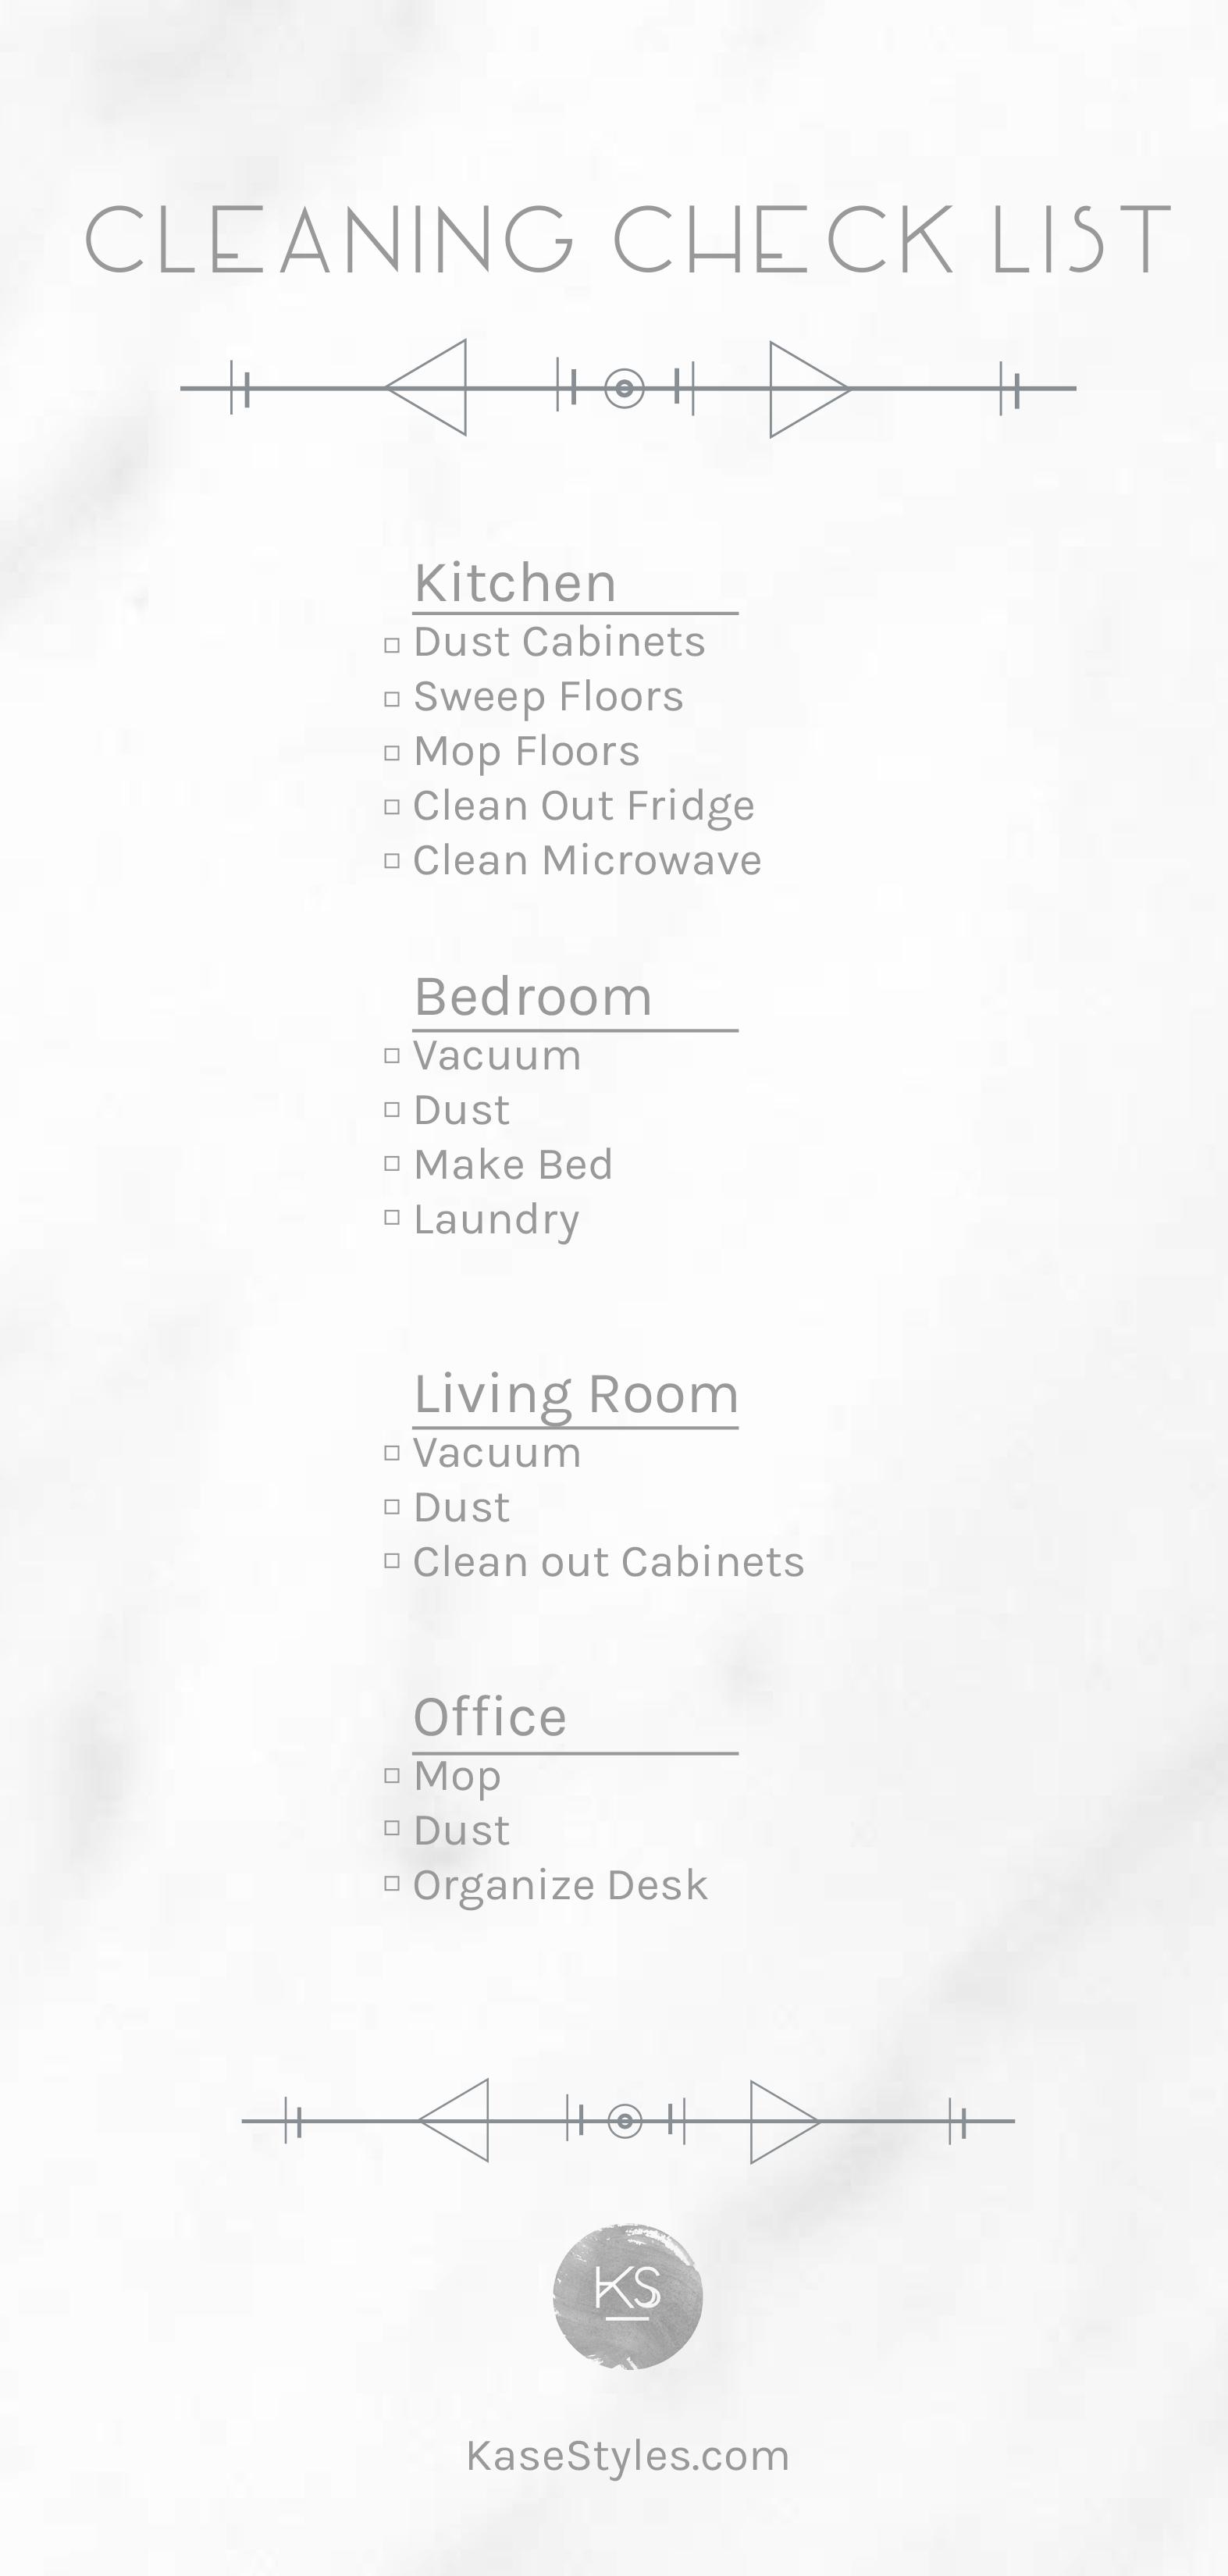 Cleaning_Checklist.jpg